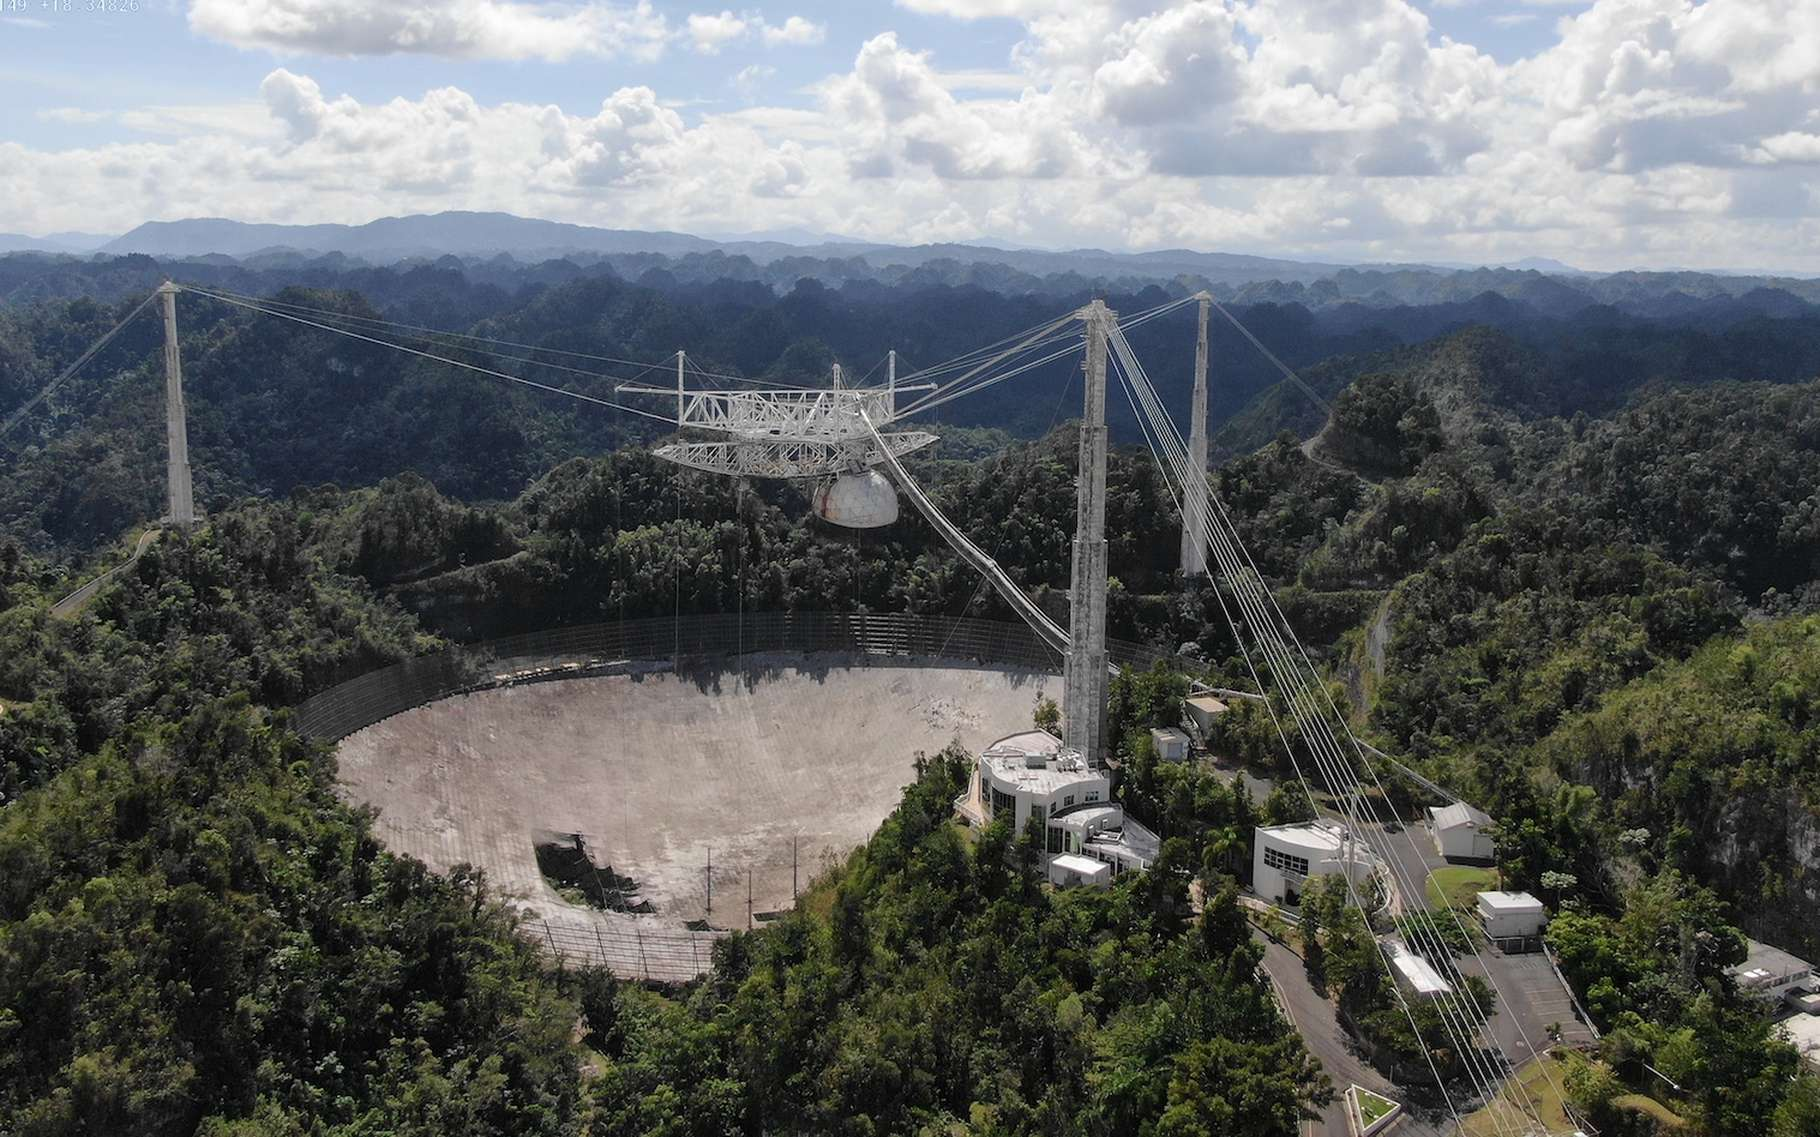 Le télescope d'Arecibo tel qu'il apparaît en novembre 2020, endommagé par des ruptures de câbles de support. © Université de Floride centrale